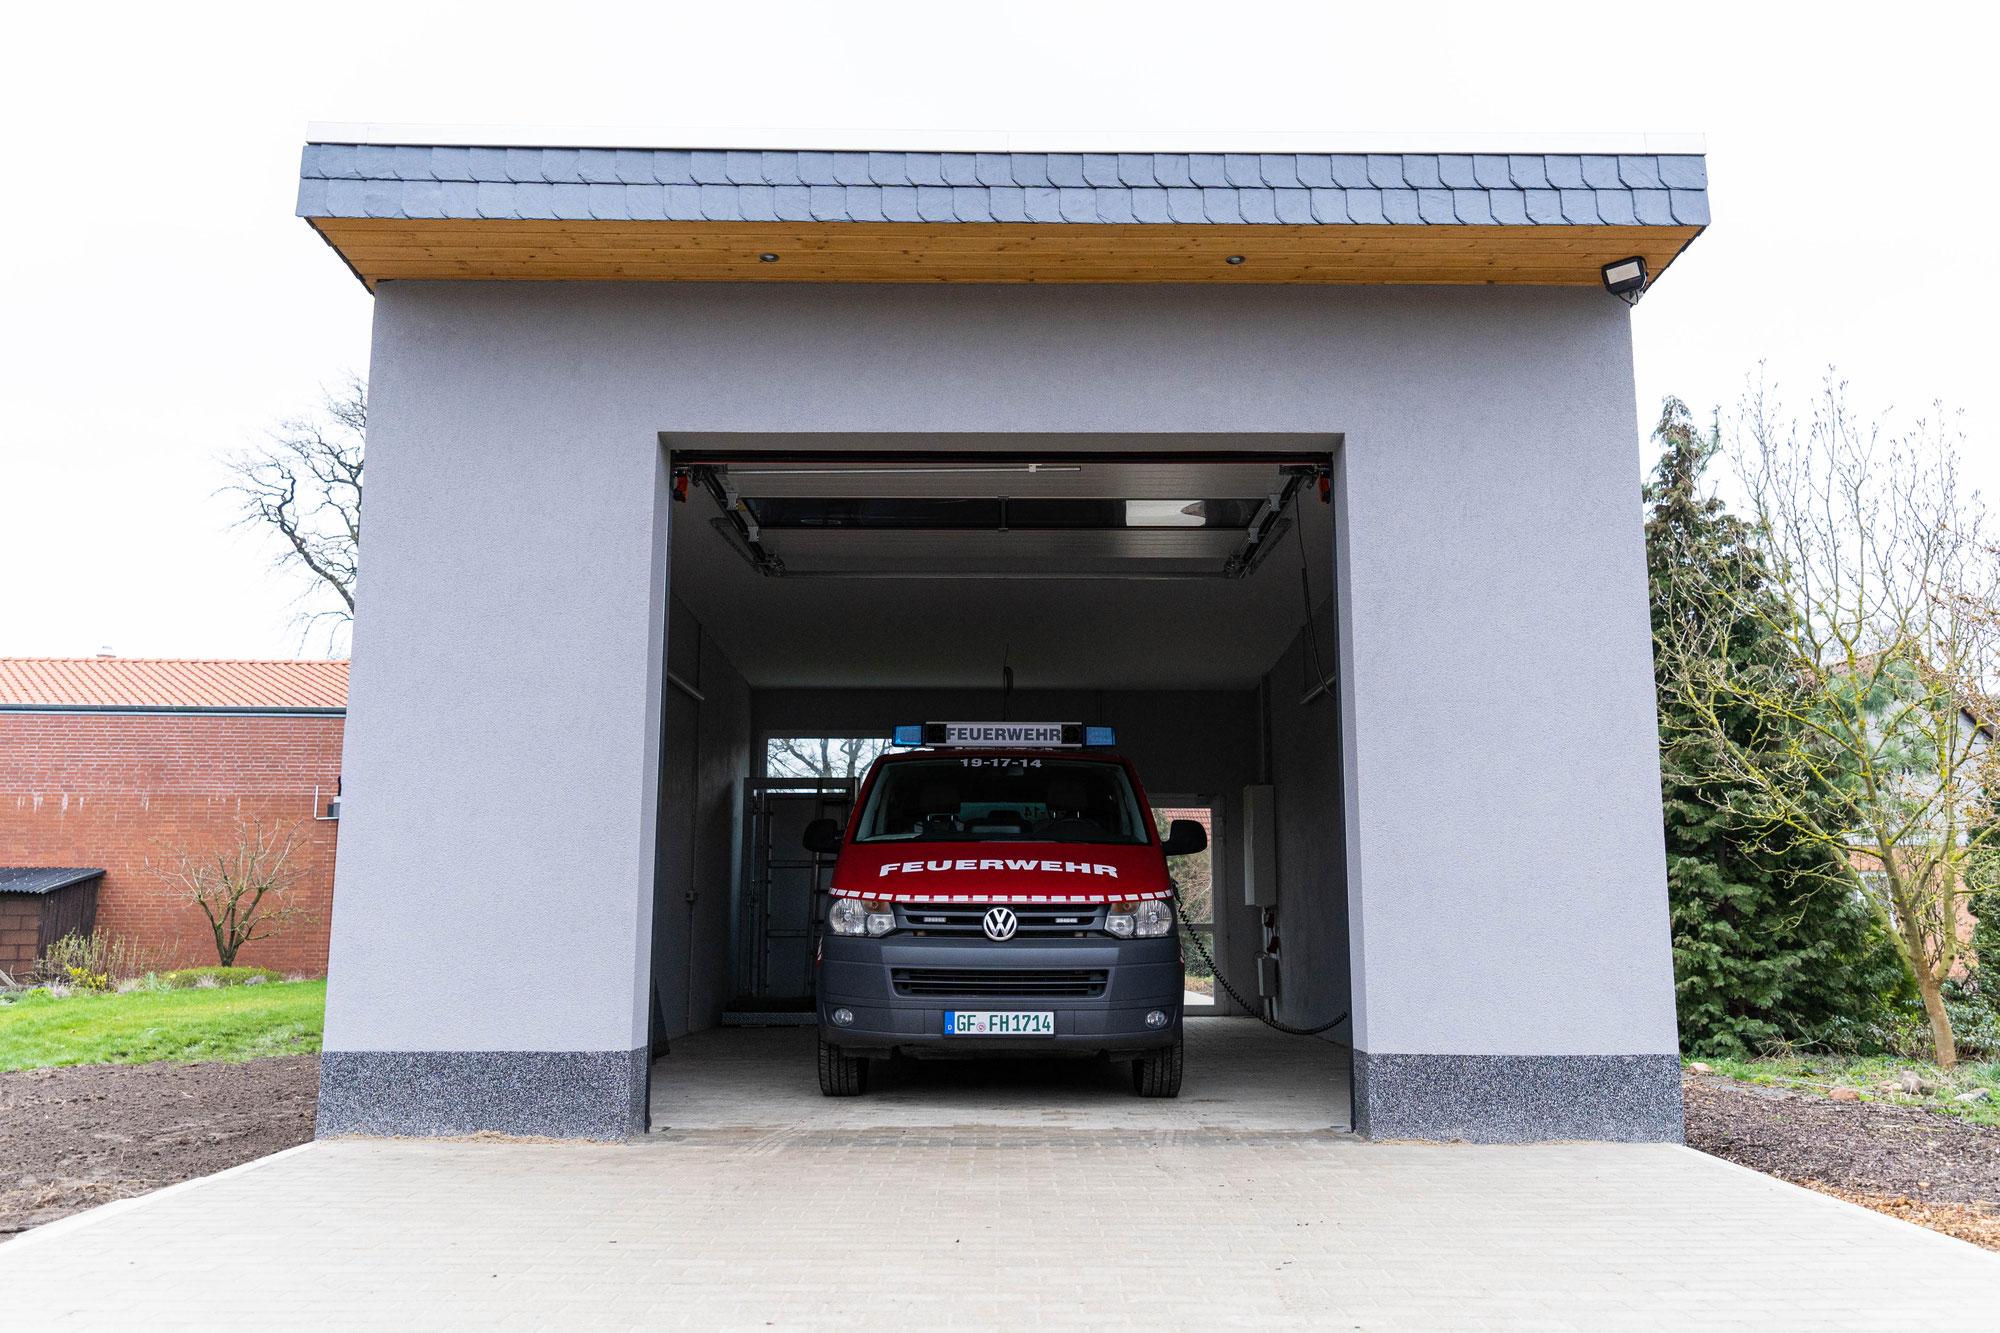 Neuer Stellplatz für Ahnser Mannschaftstransport-Fahrzeug (MTF)